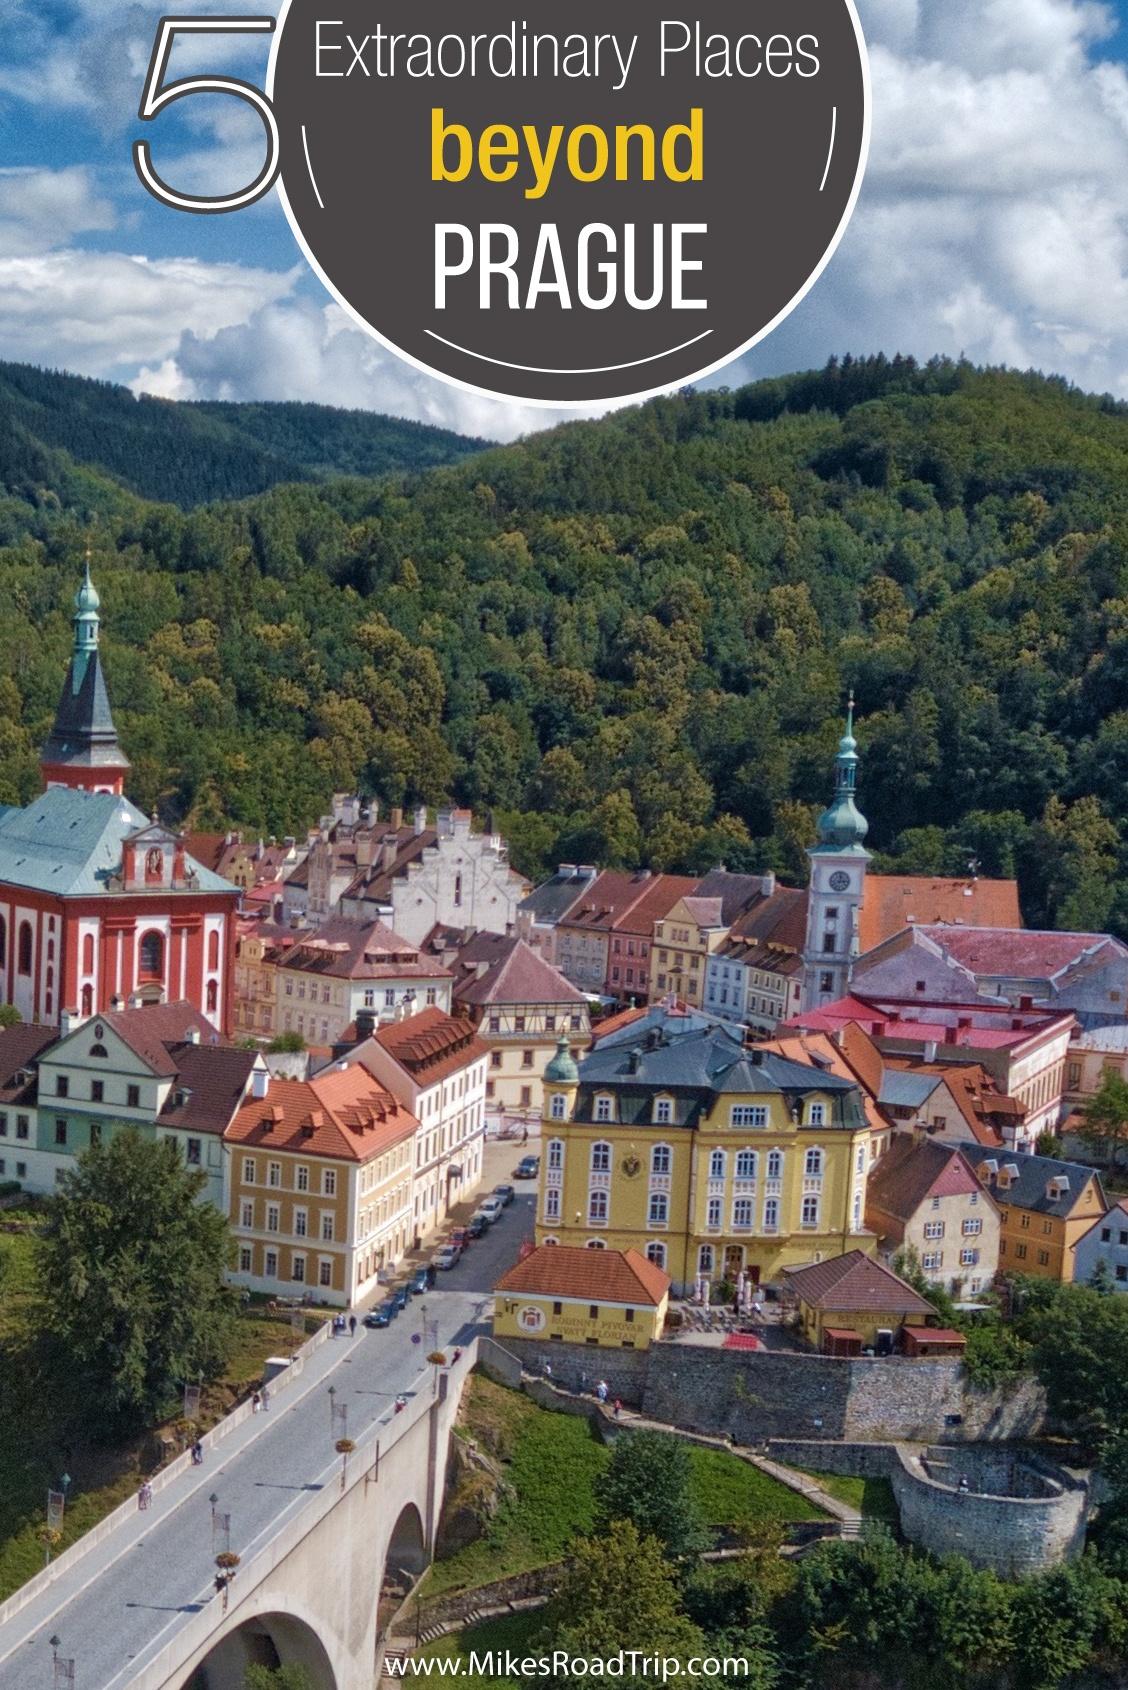 5 Extraordinary Places Beyond Prague by MikesRoadTrip.com